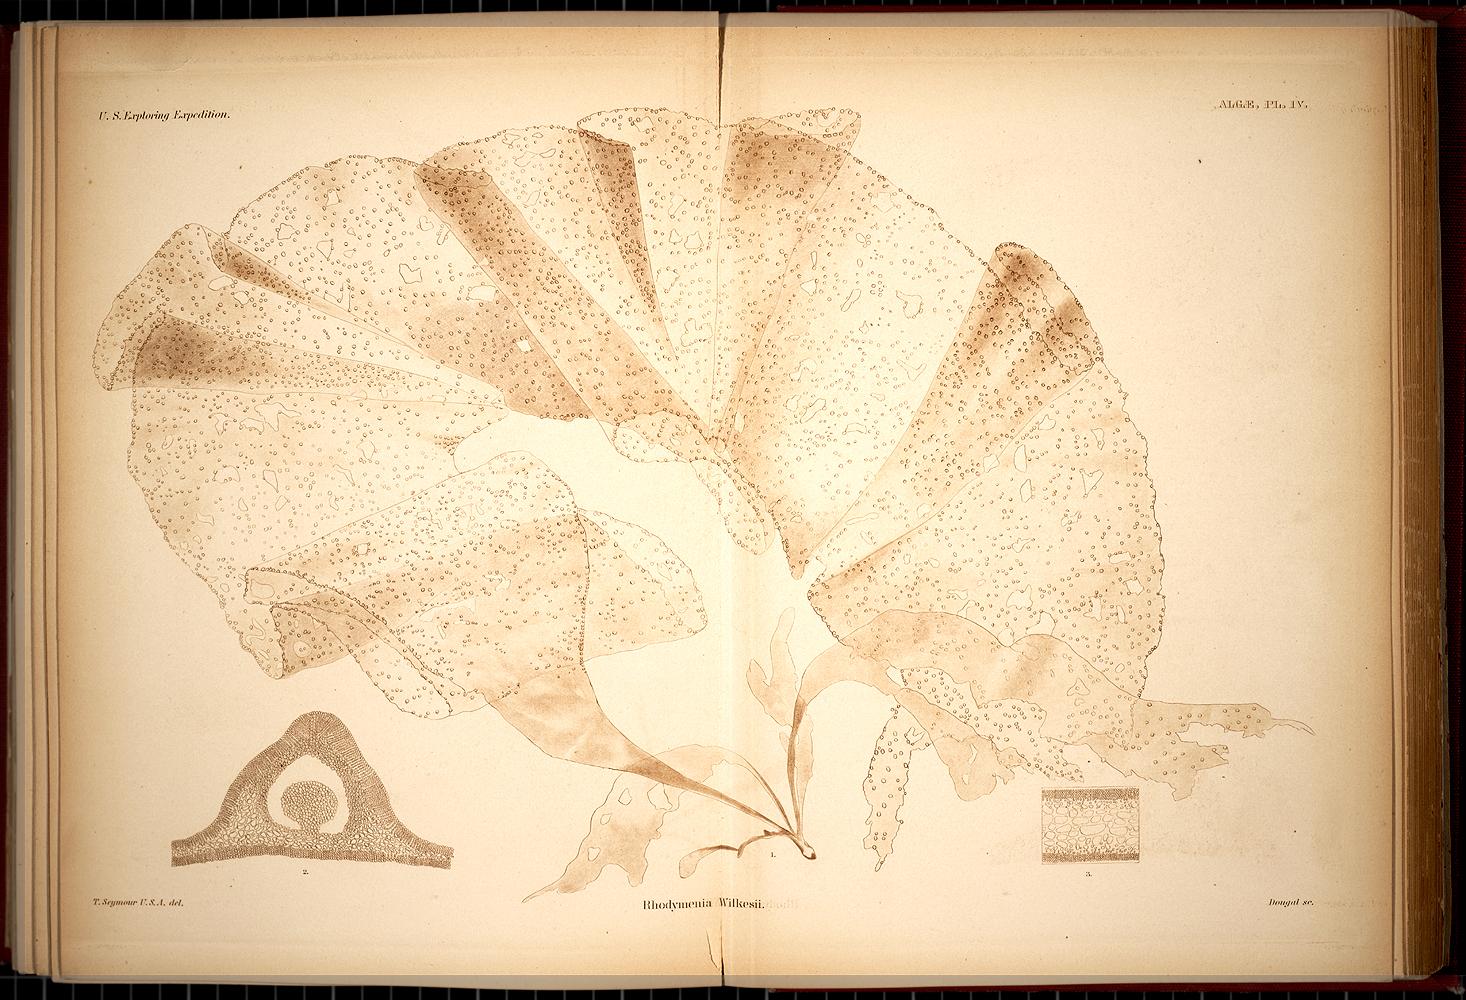 Algae, Plate IV,  Image number:SIL19-28-007